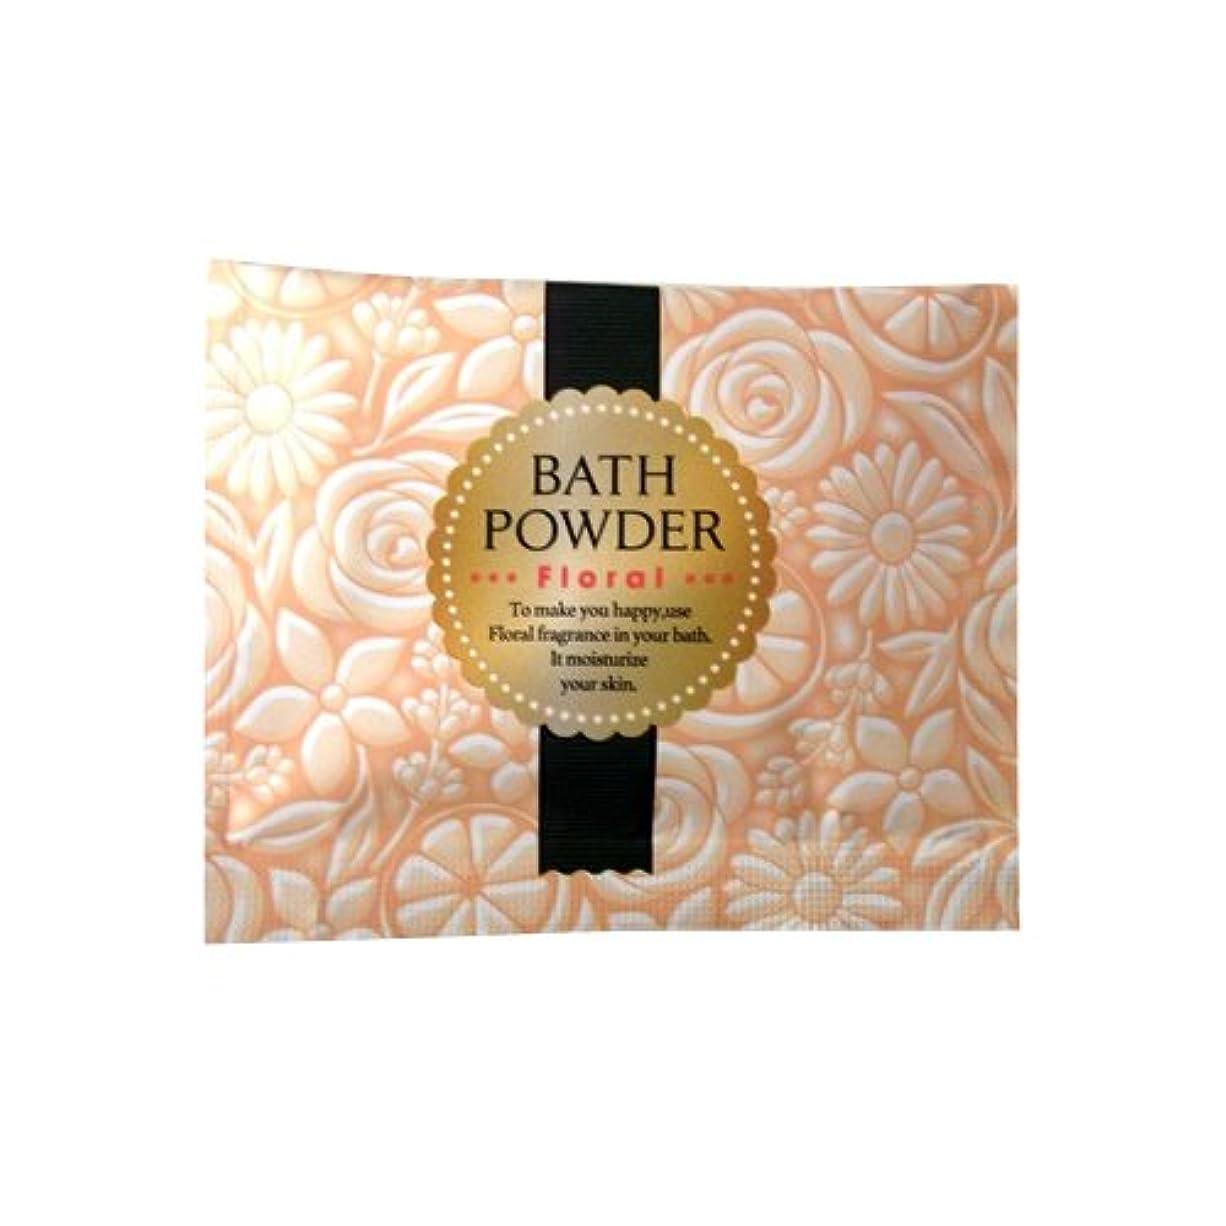 限定侵入あなたのもの入浴剤 LUCKY BATH (ラッキーバス) 25g フローラルの香り